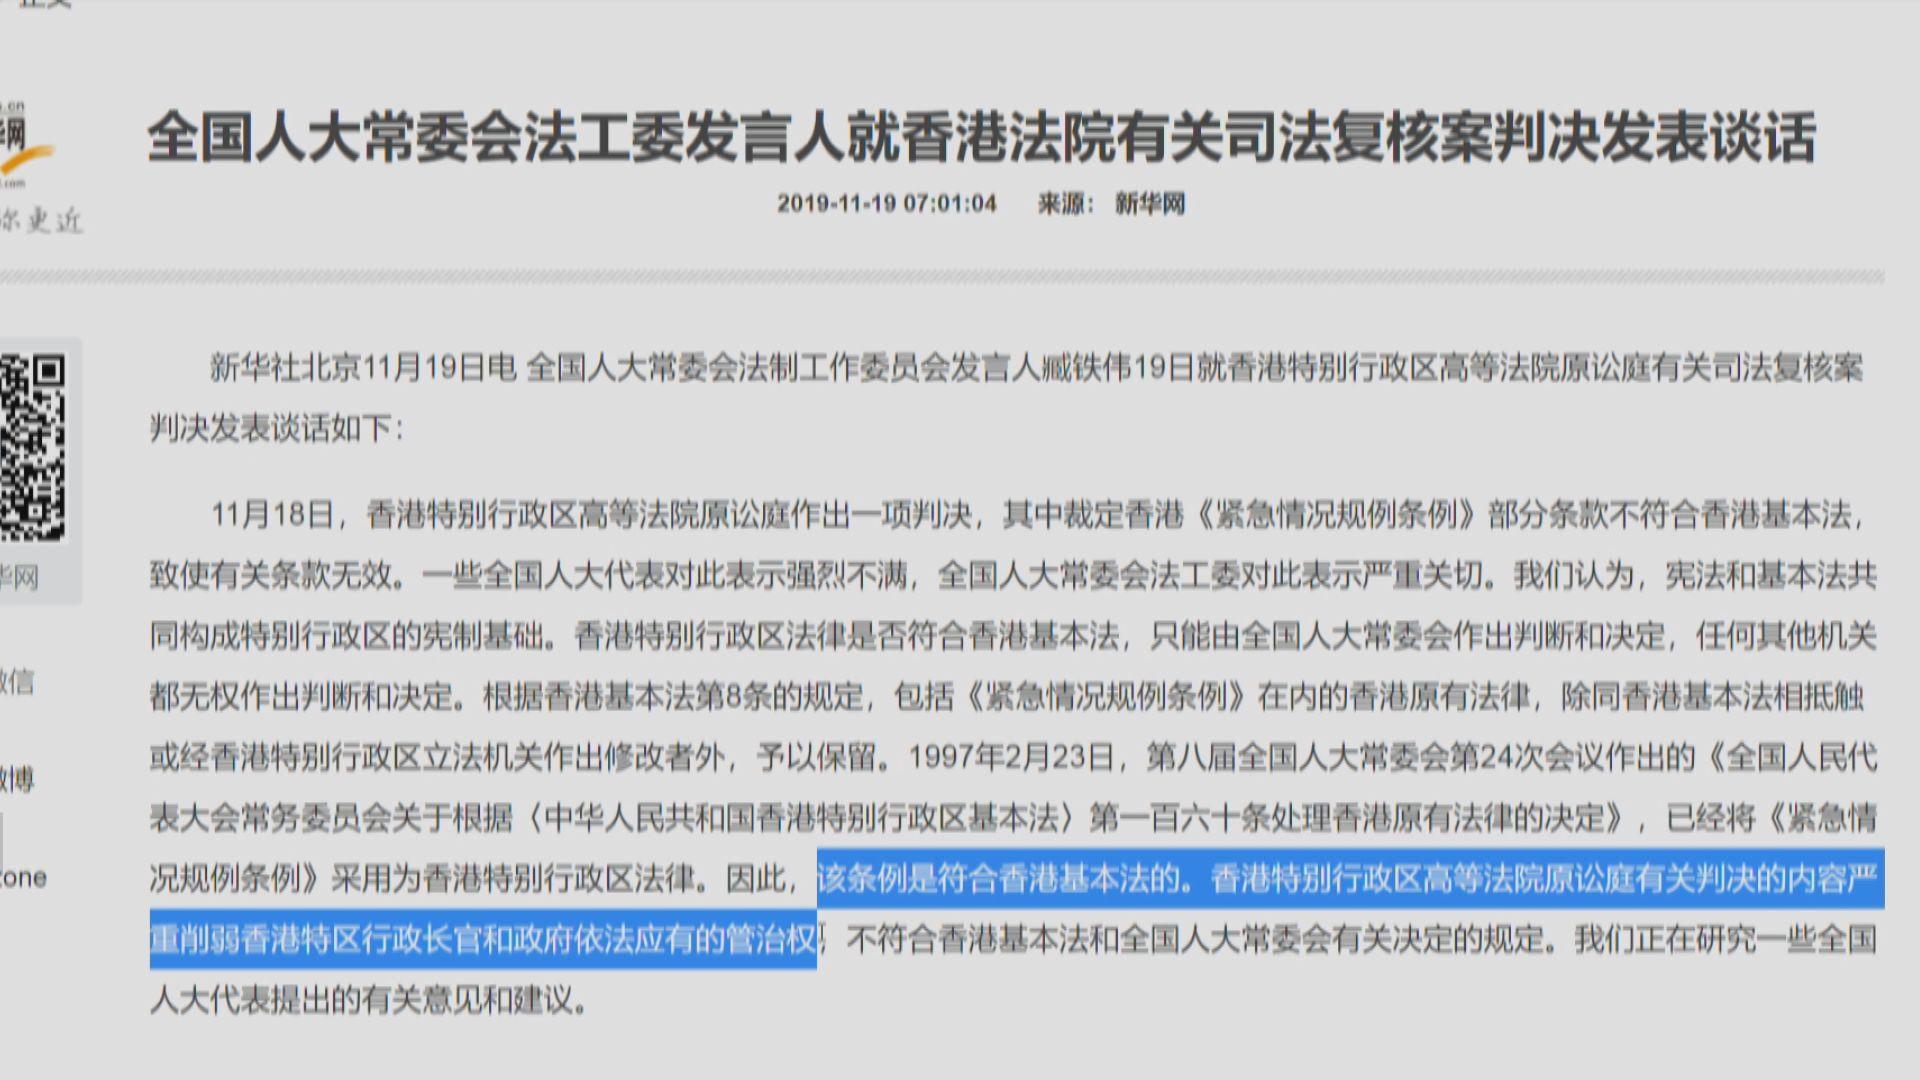 全國人大法工委:高院禁蒙面裁決不符基本法